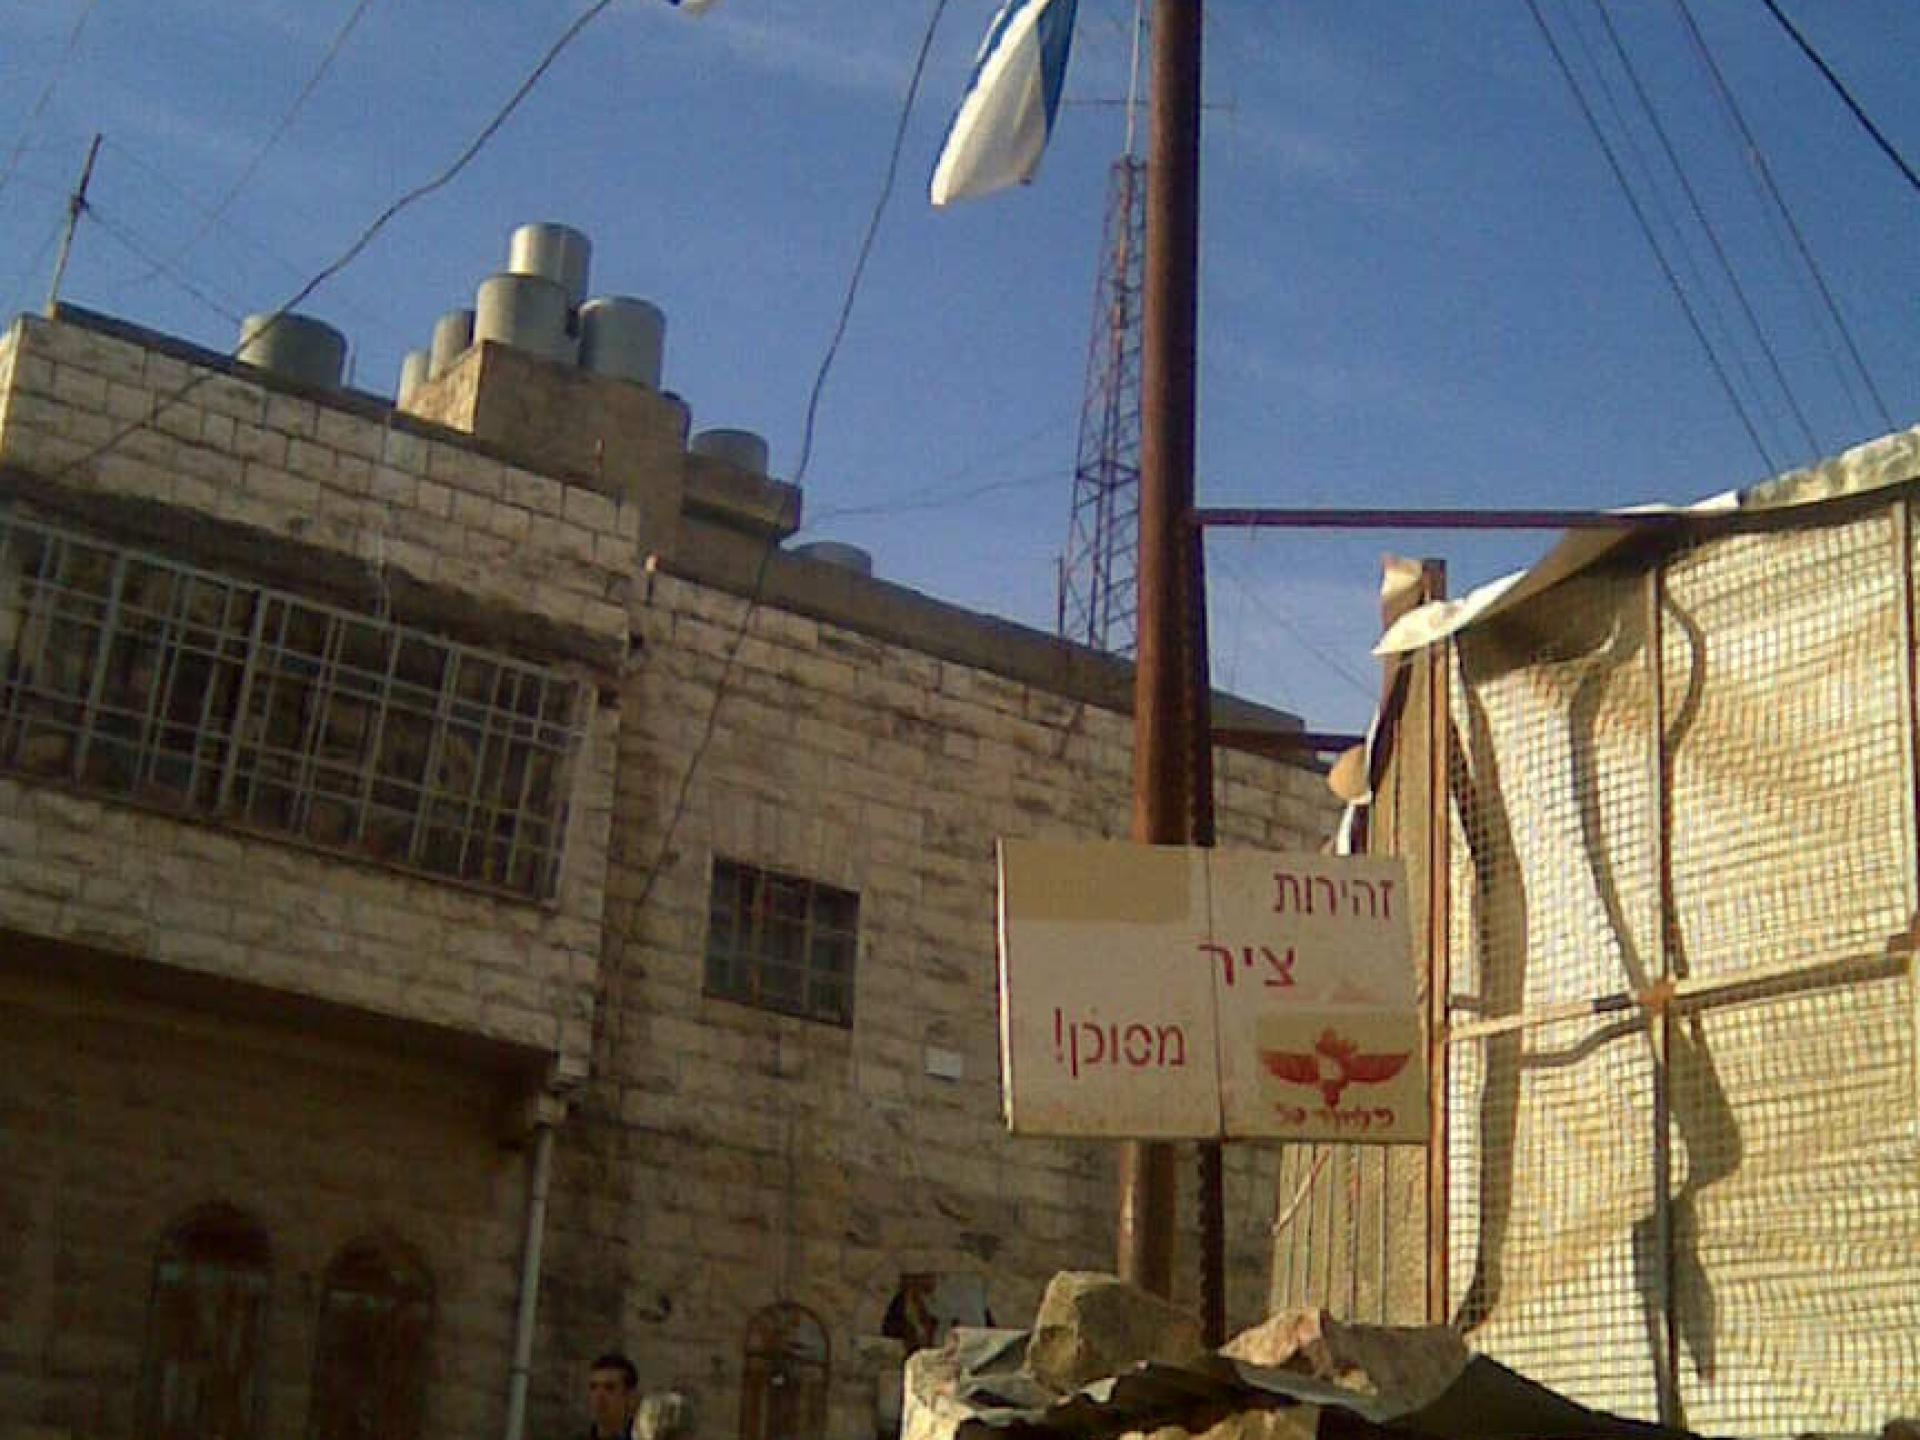 Hebron, Tel Rumeida 27.11.11